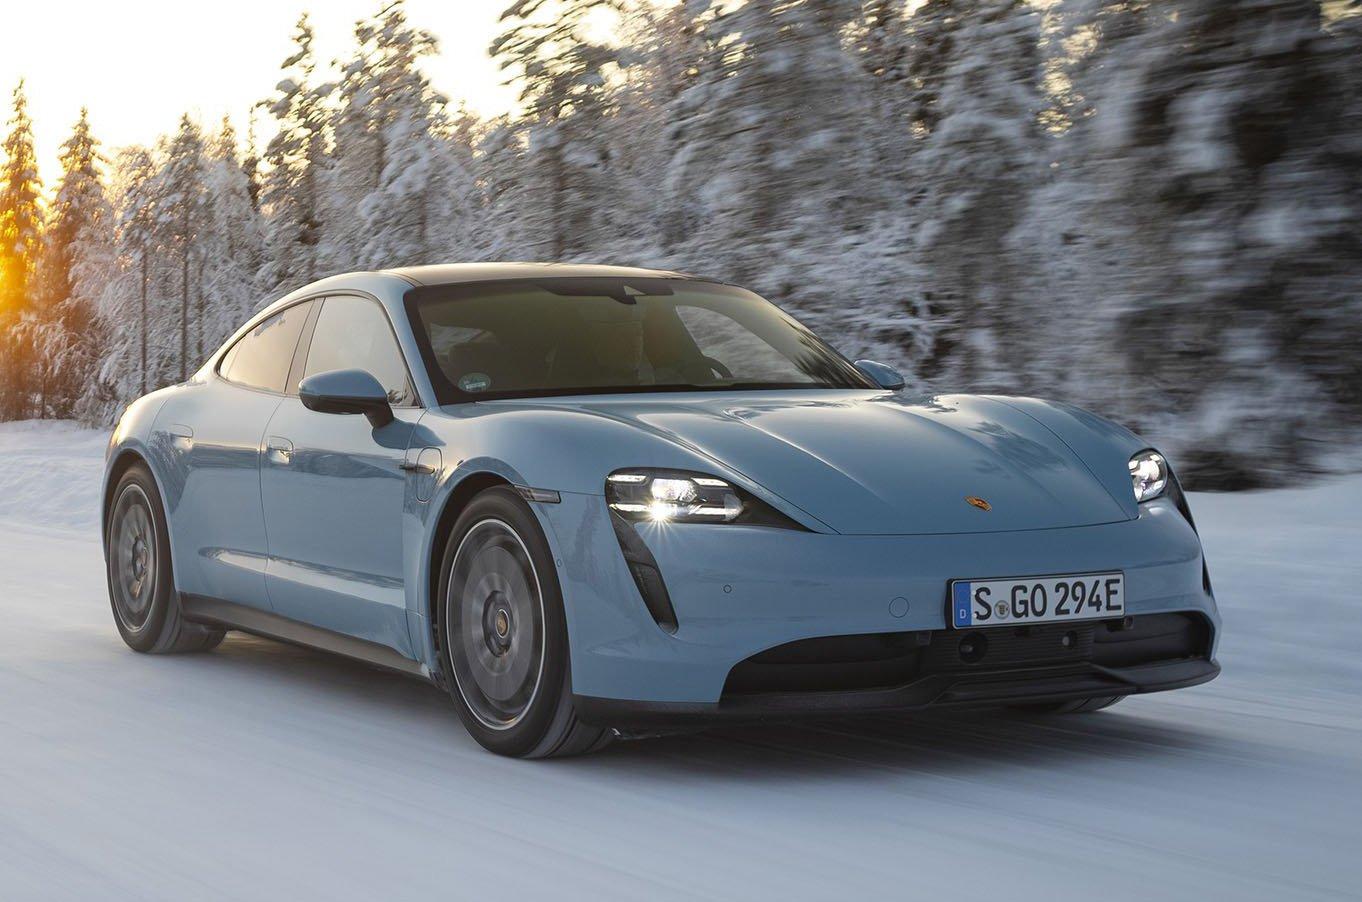 Porsche Taycan 4S front in snow